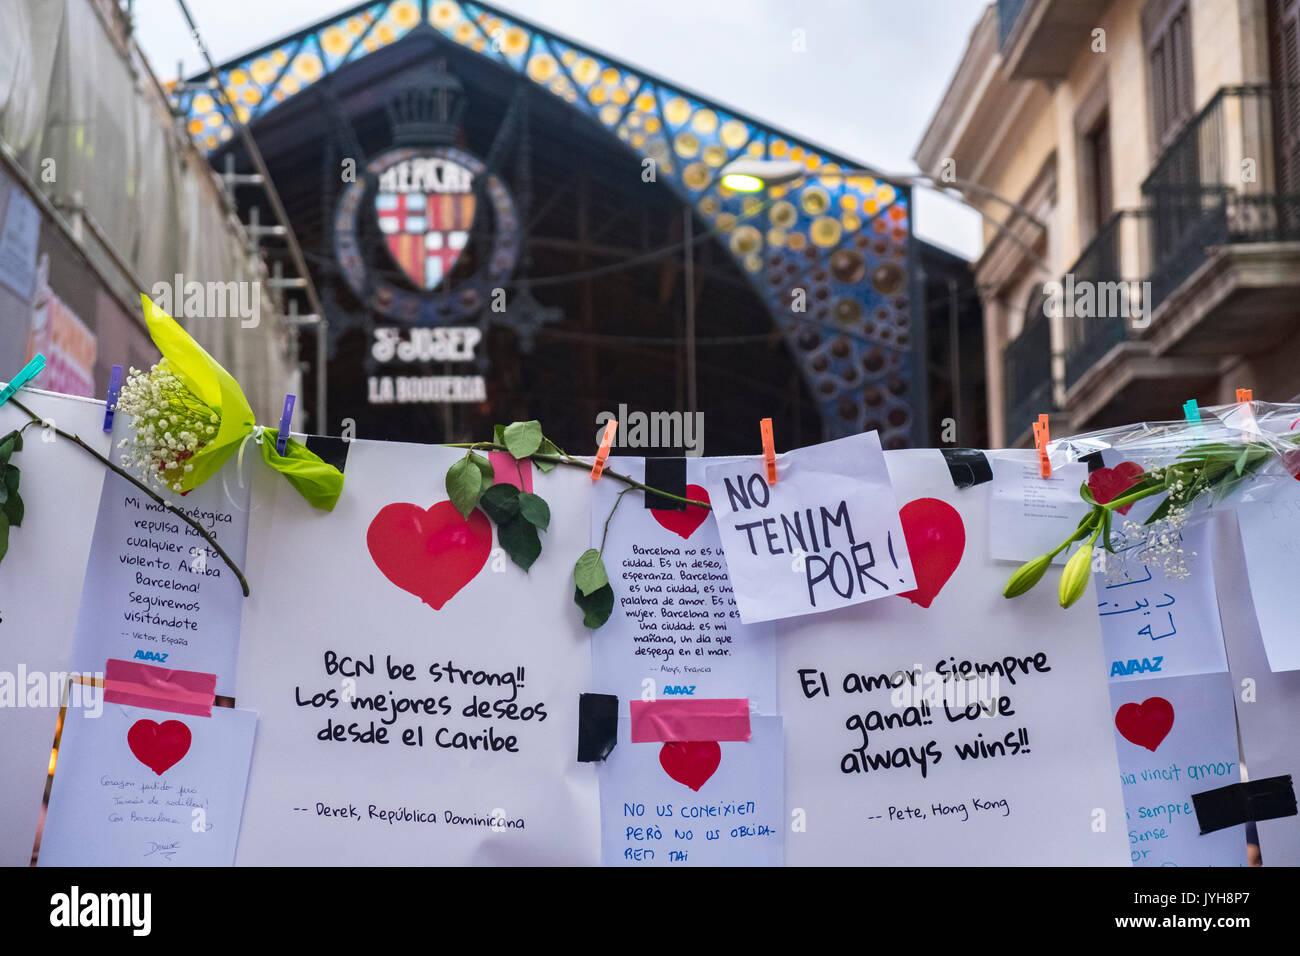 Barcellona, Spagna. 19 Ago, 2017. Il 19 agosto 2017 la città di Barcellona ha sofferto la ISIS attacco terroristico, Foto Stock